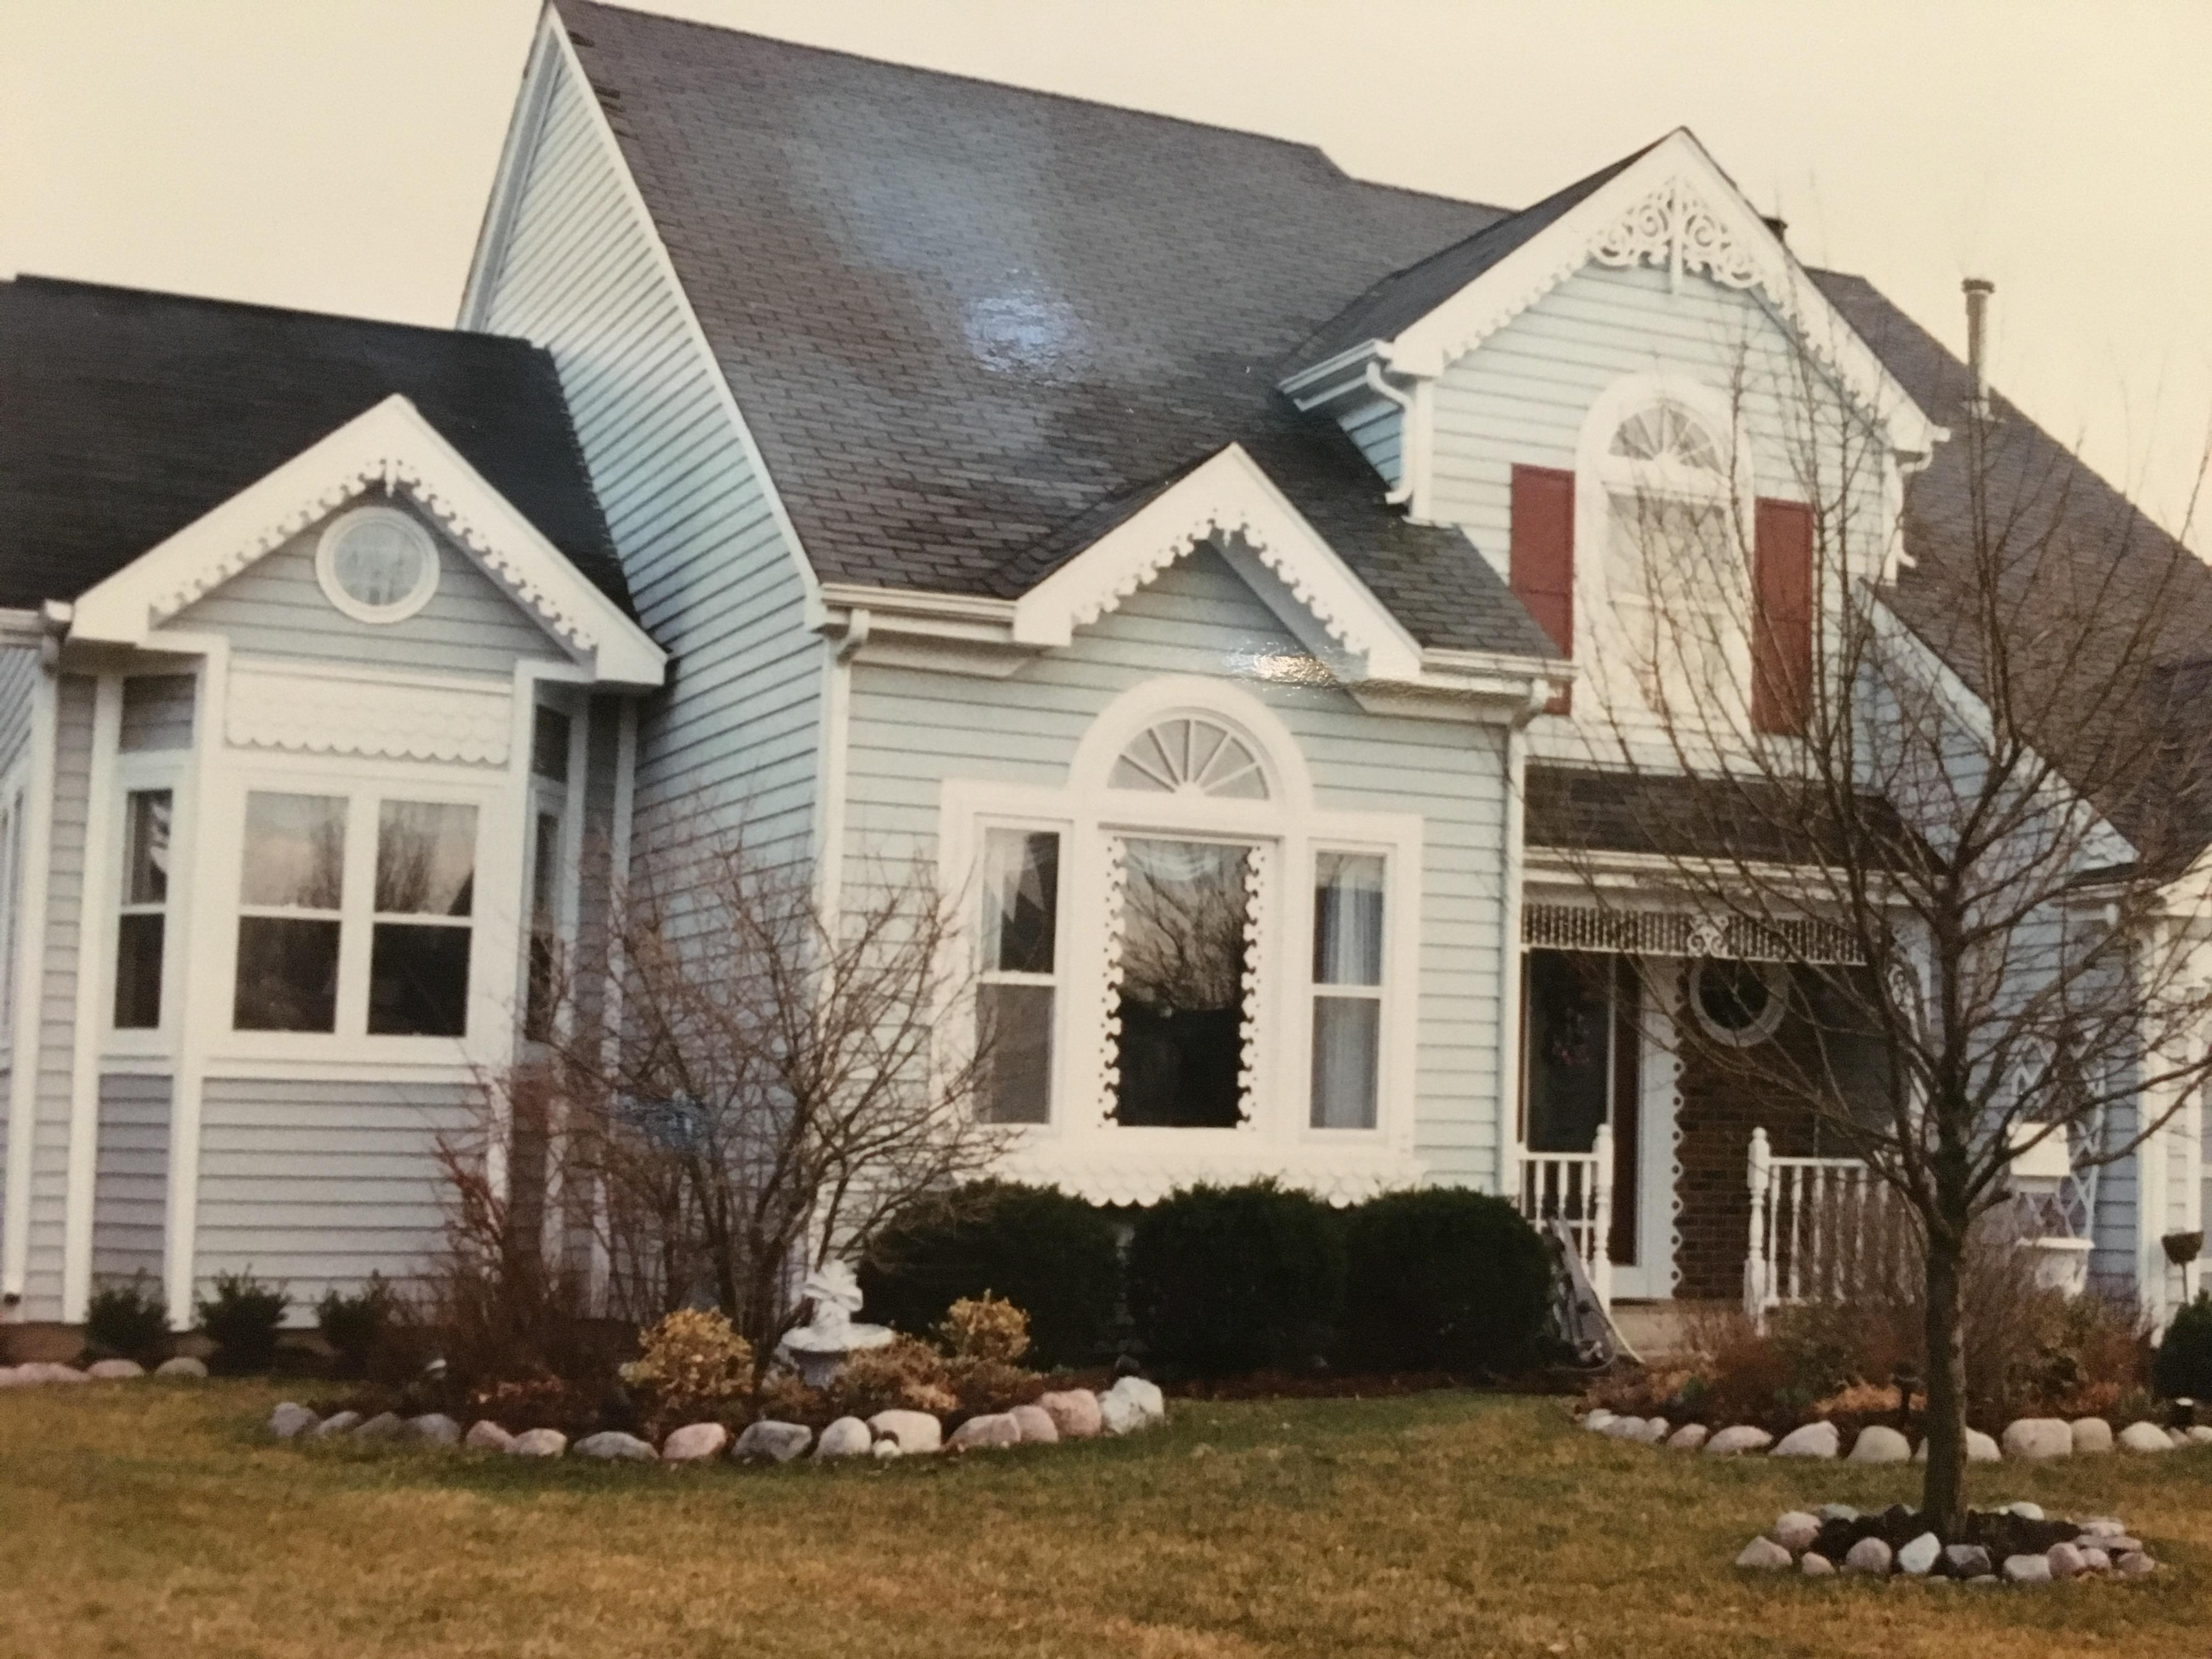 アメリカで借りた3つの家を紹介。ハツカネズミが走り回る家も